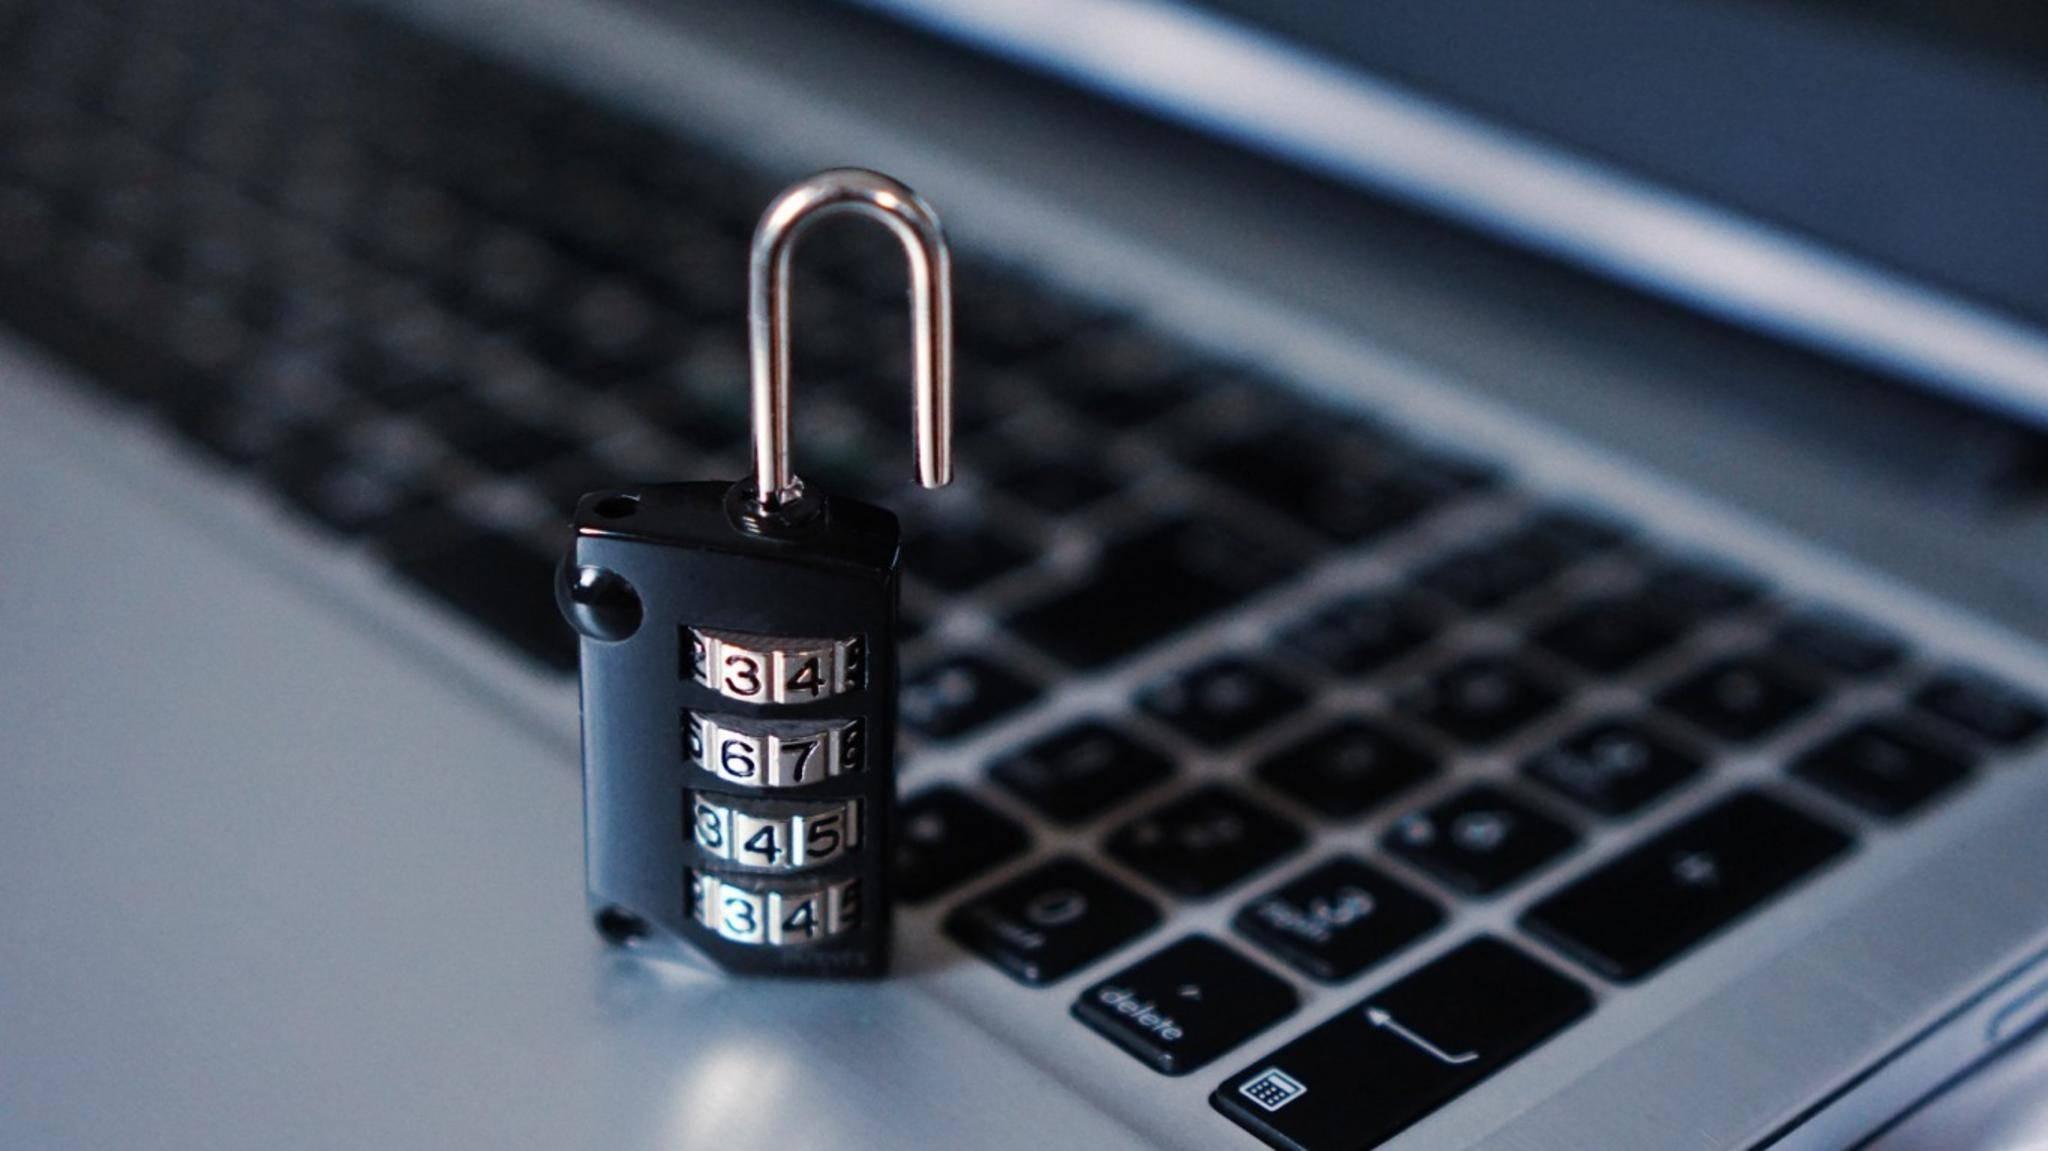 Wiederherstellungspunkte sind für die PC-Sicherheit unabdingbar.